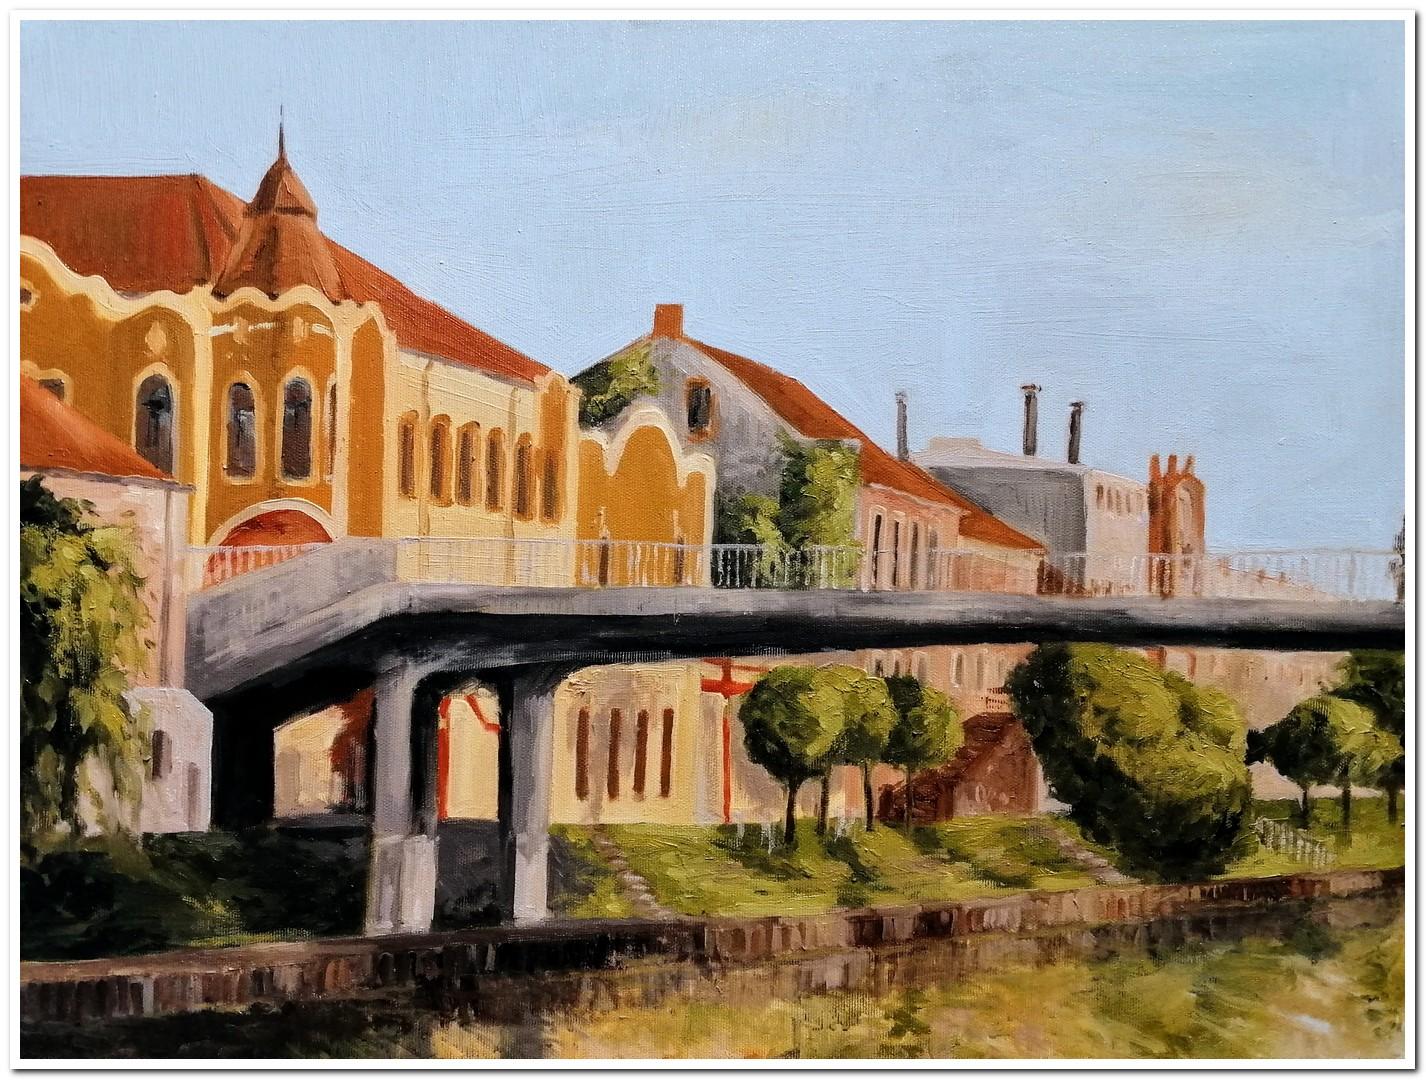 Palata Dundjerski i pesacki most, ulje na platnu, 2020